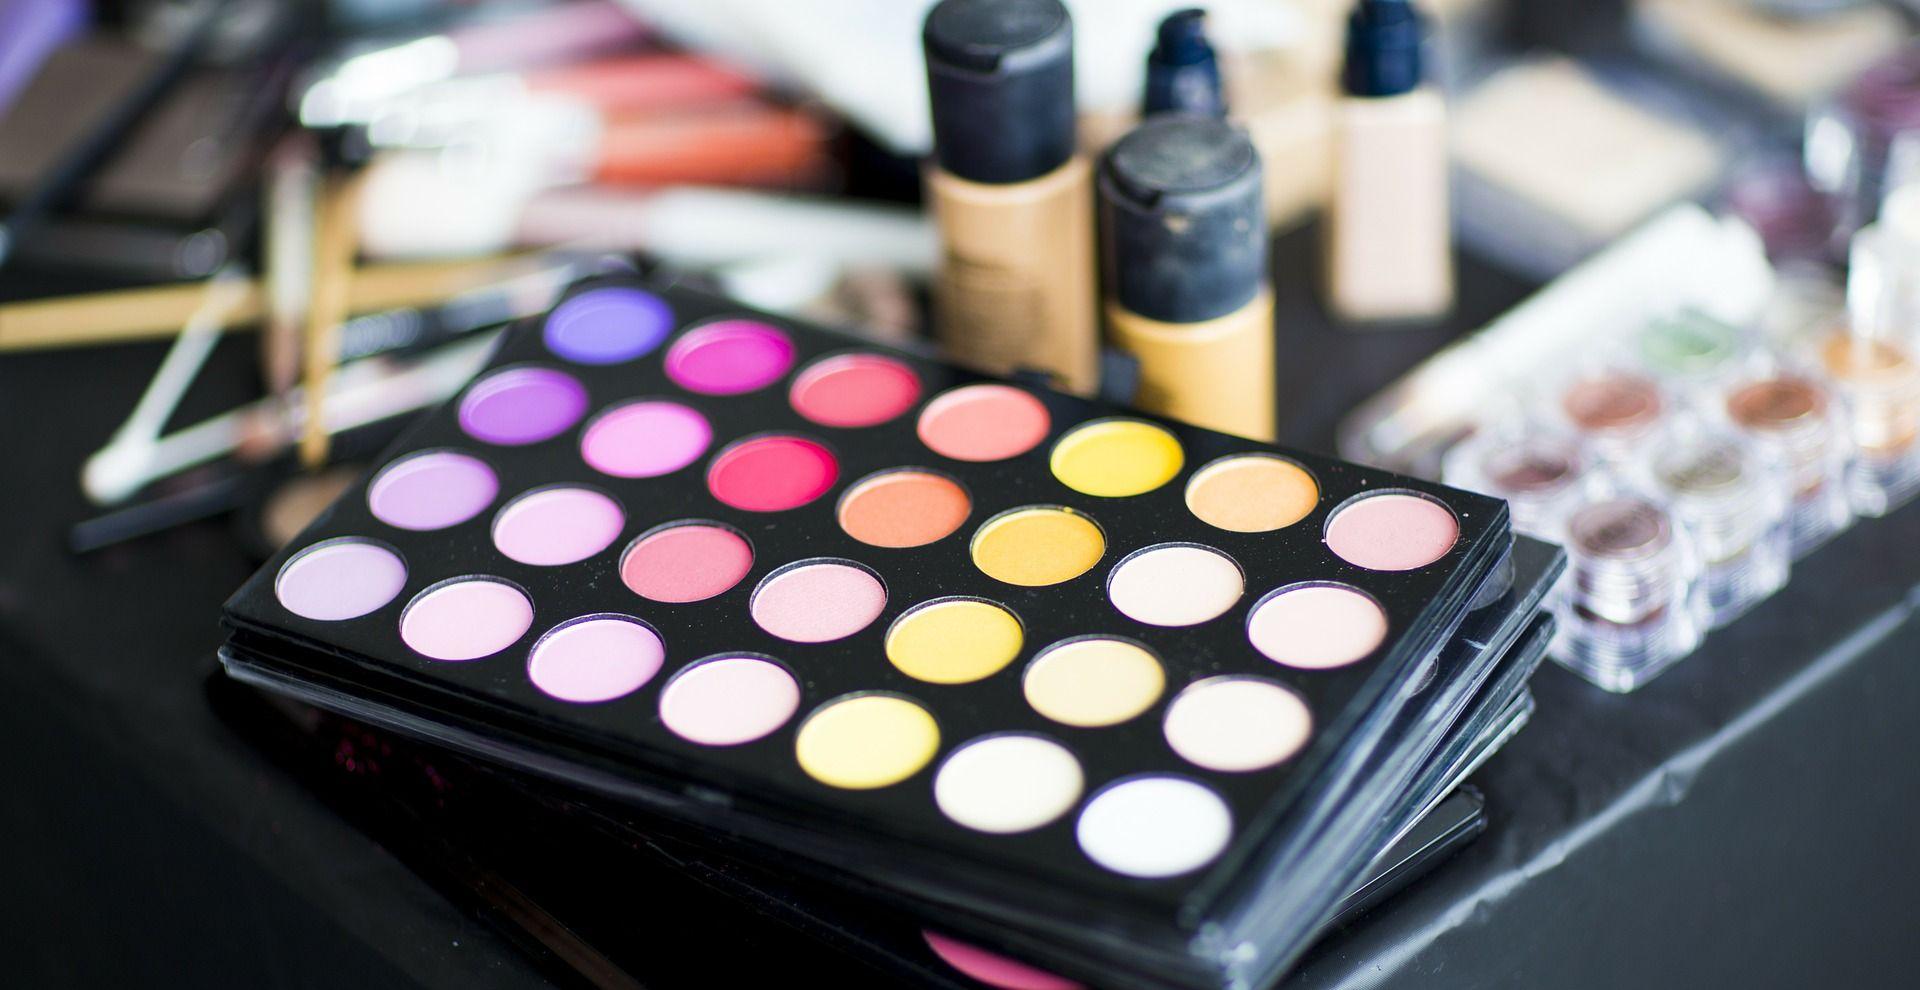 Kemikalije u kozmetičkim proizvodima opasnije nego što se pretpostavljalo?